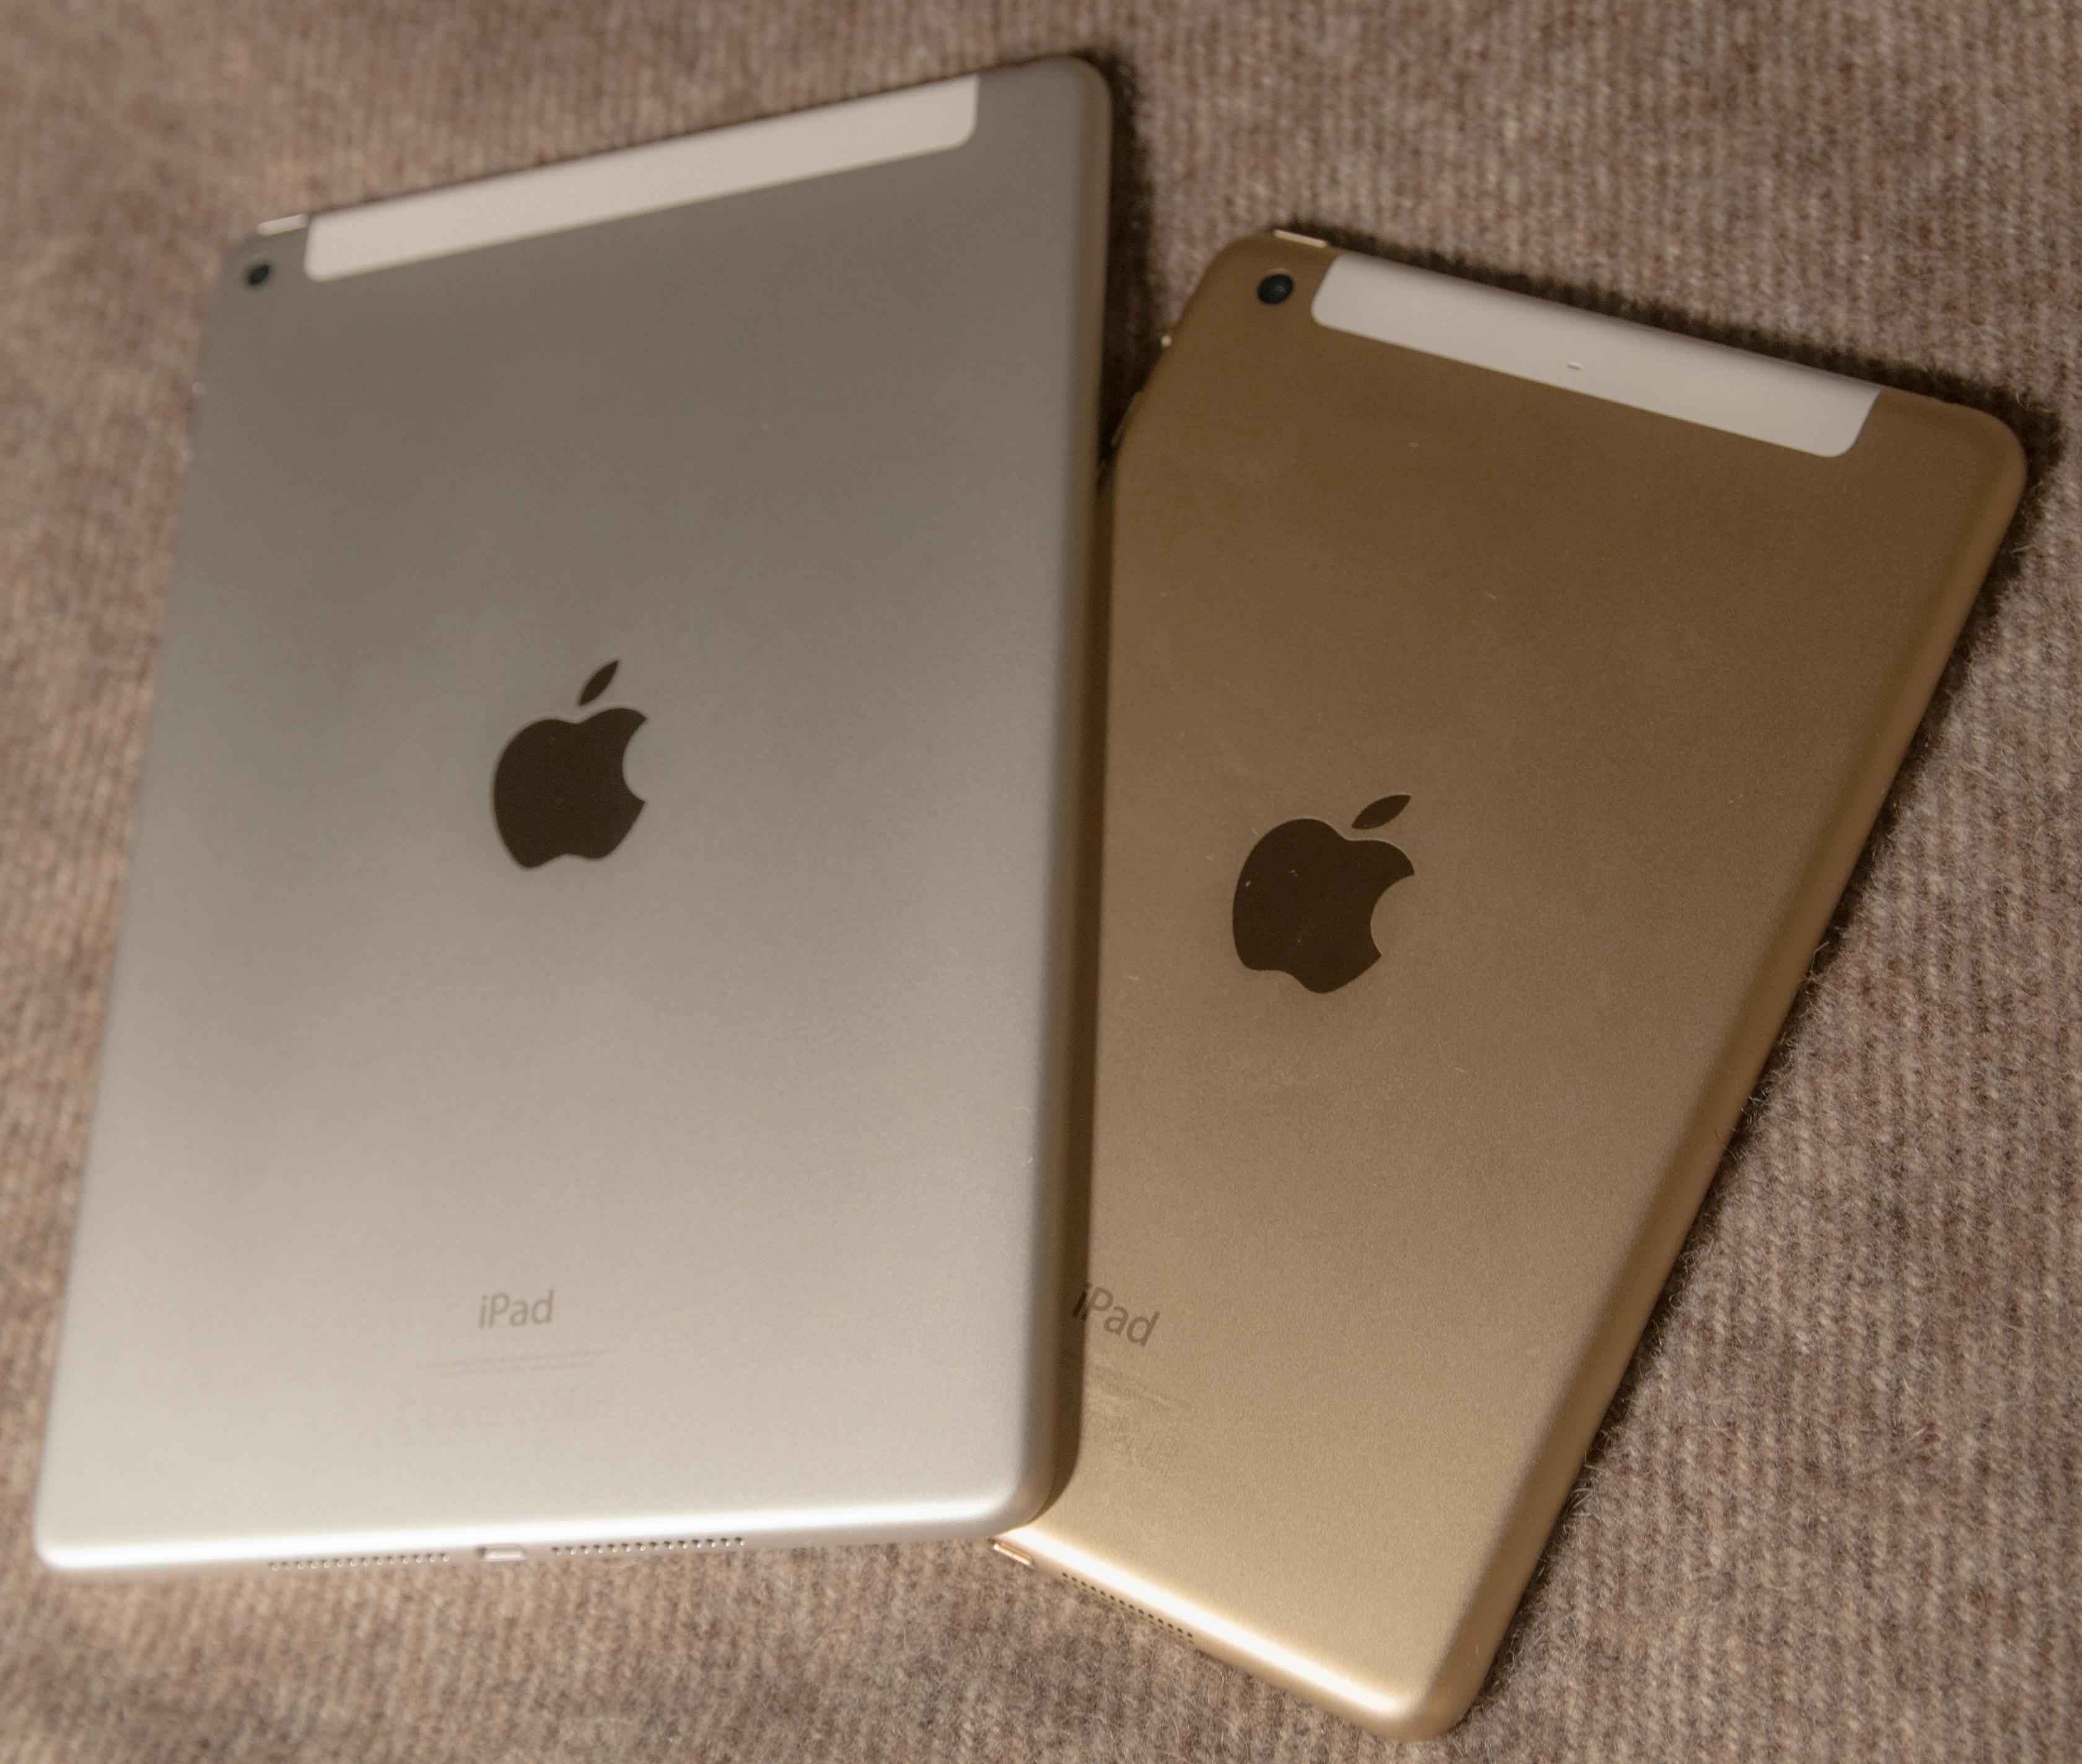 iPad Air 2 til venstre, og iPad Mini 3 til høyre. Begge fås i fargene sølv, «Space Grey» og gull.Foto: Finn Jarle Kvalheim, Tek.no